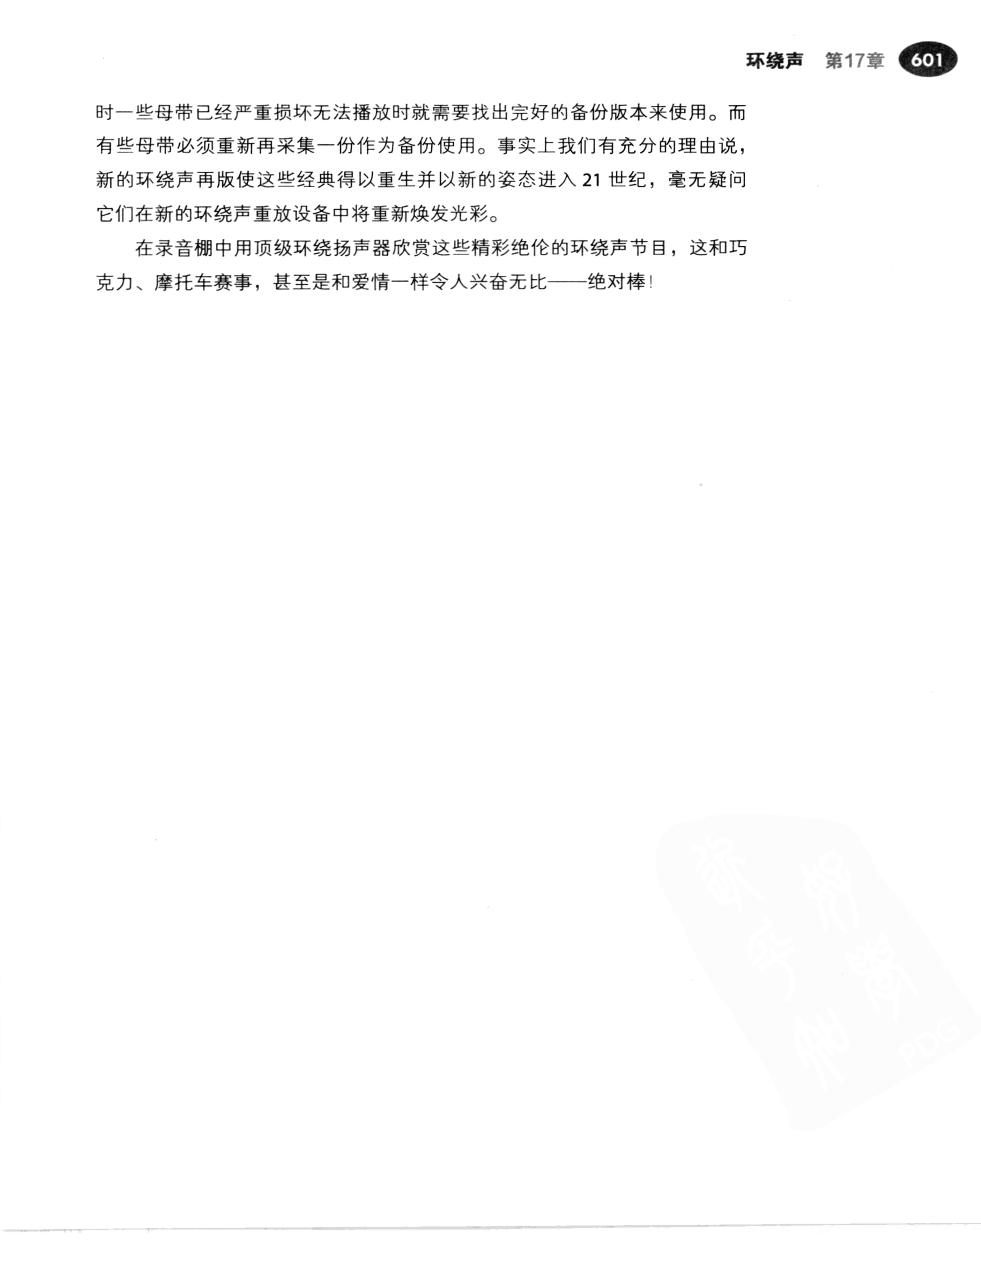 现代录音技术(第7版) 628